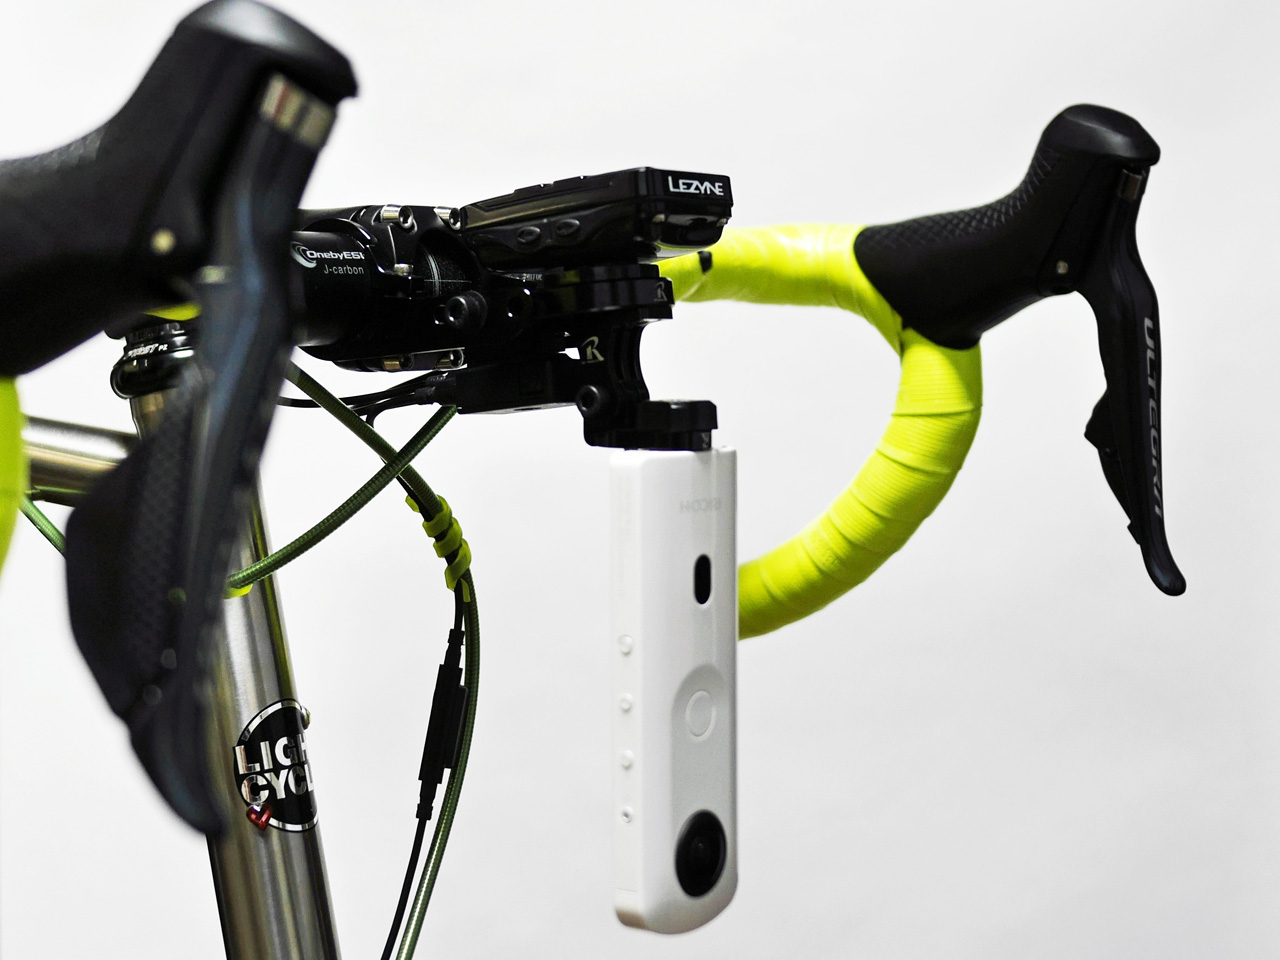 REC-MOUNTS ヘッドライト固定部に THETA を装着